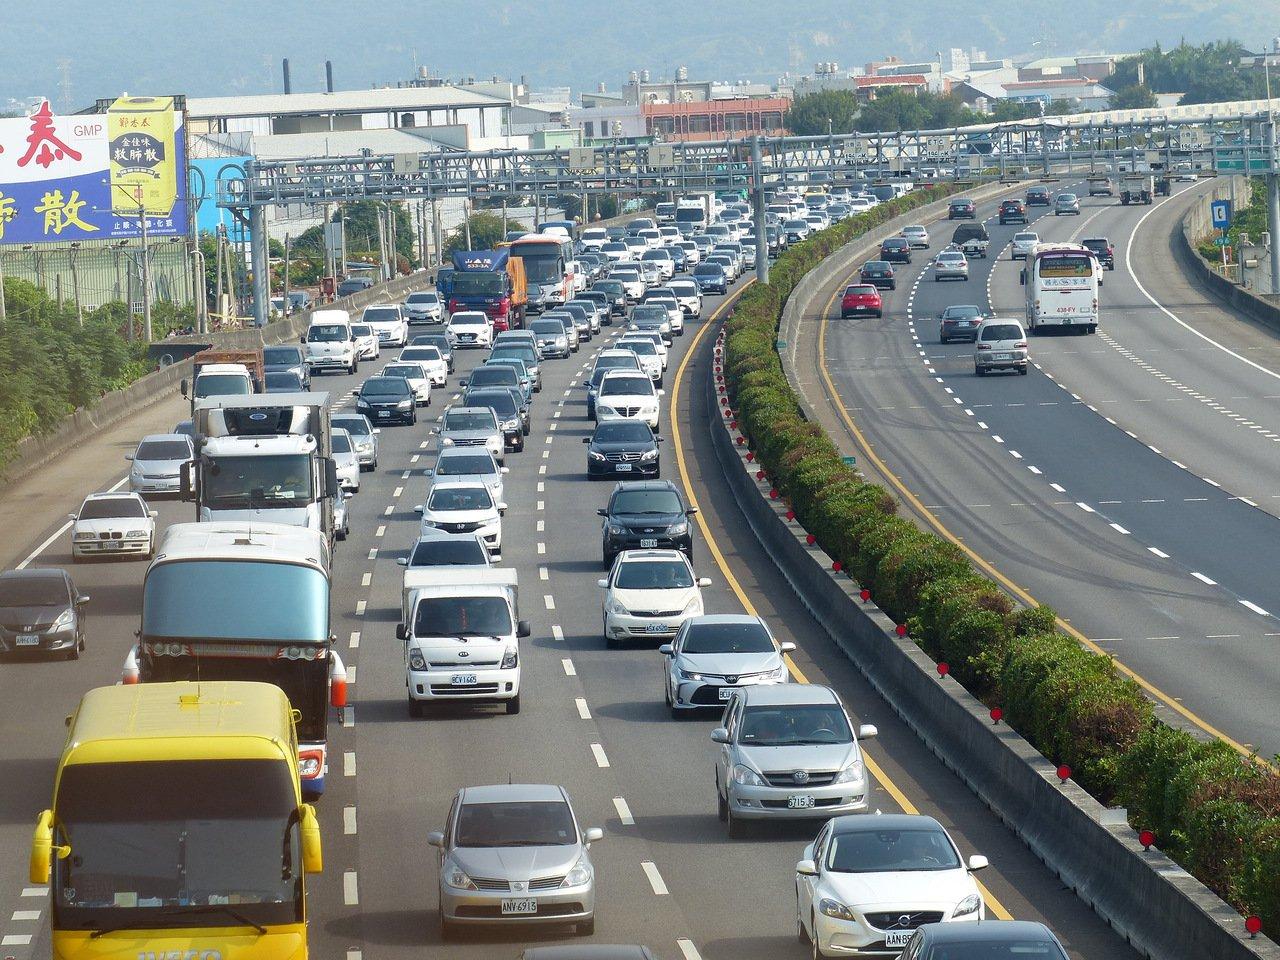 當塞車讓高速公路不再高速 魏明谷主張不該計程收費